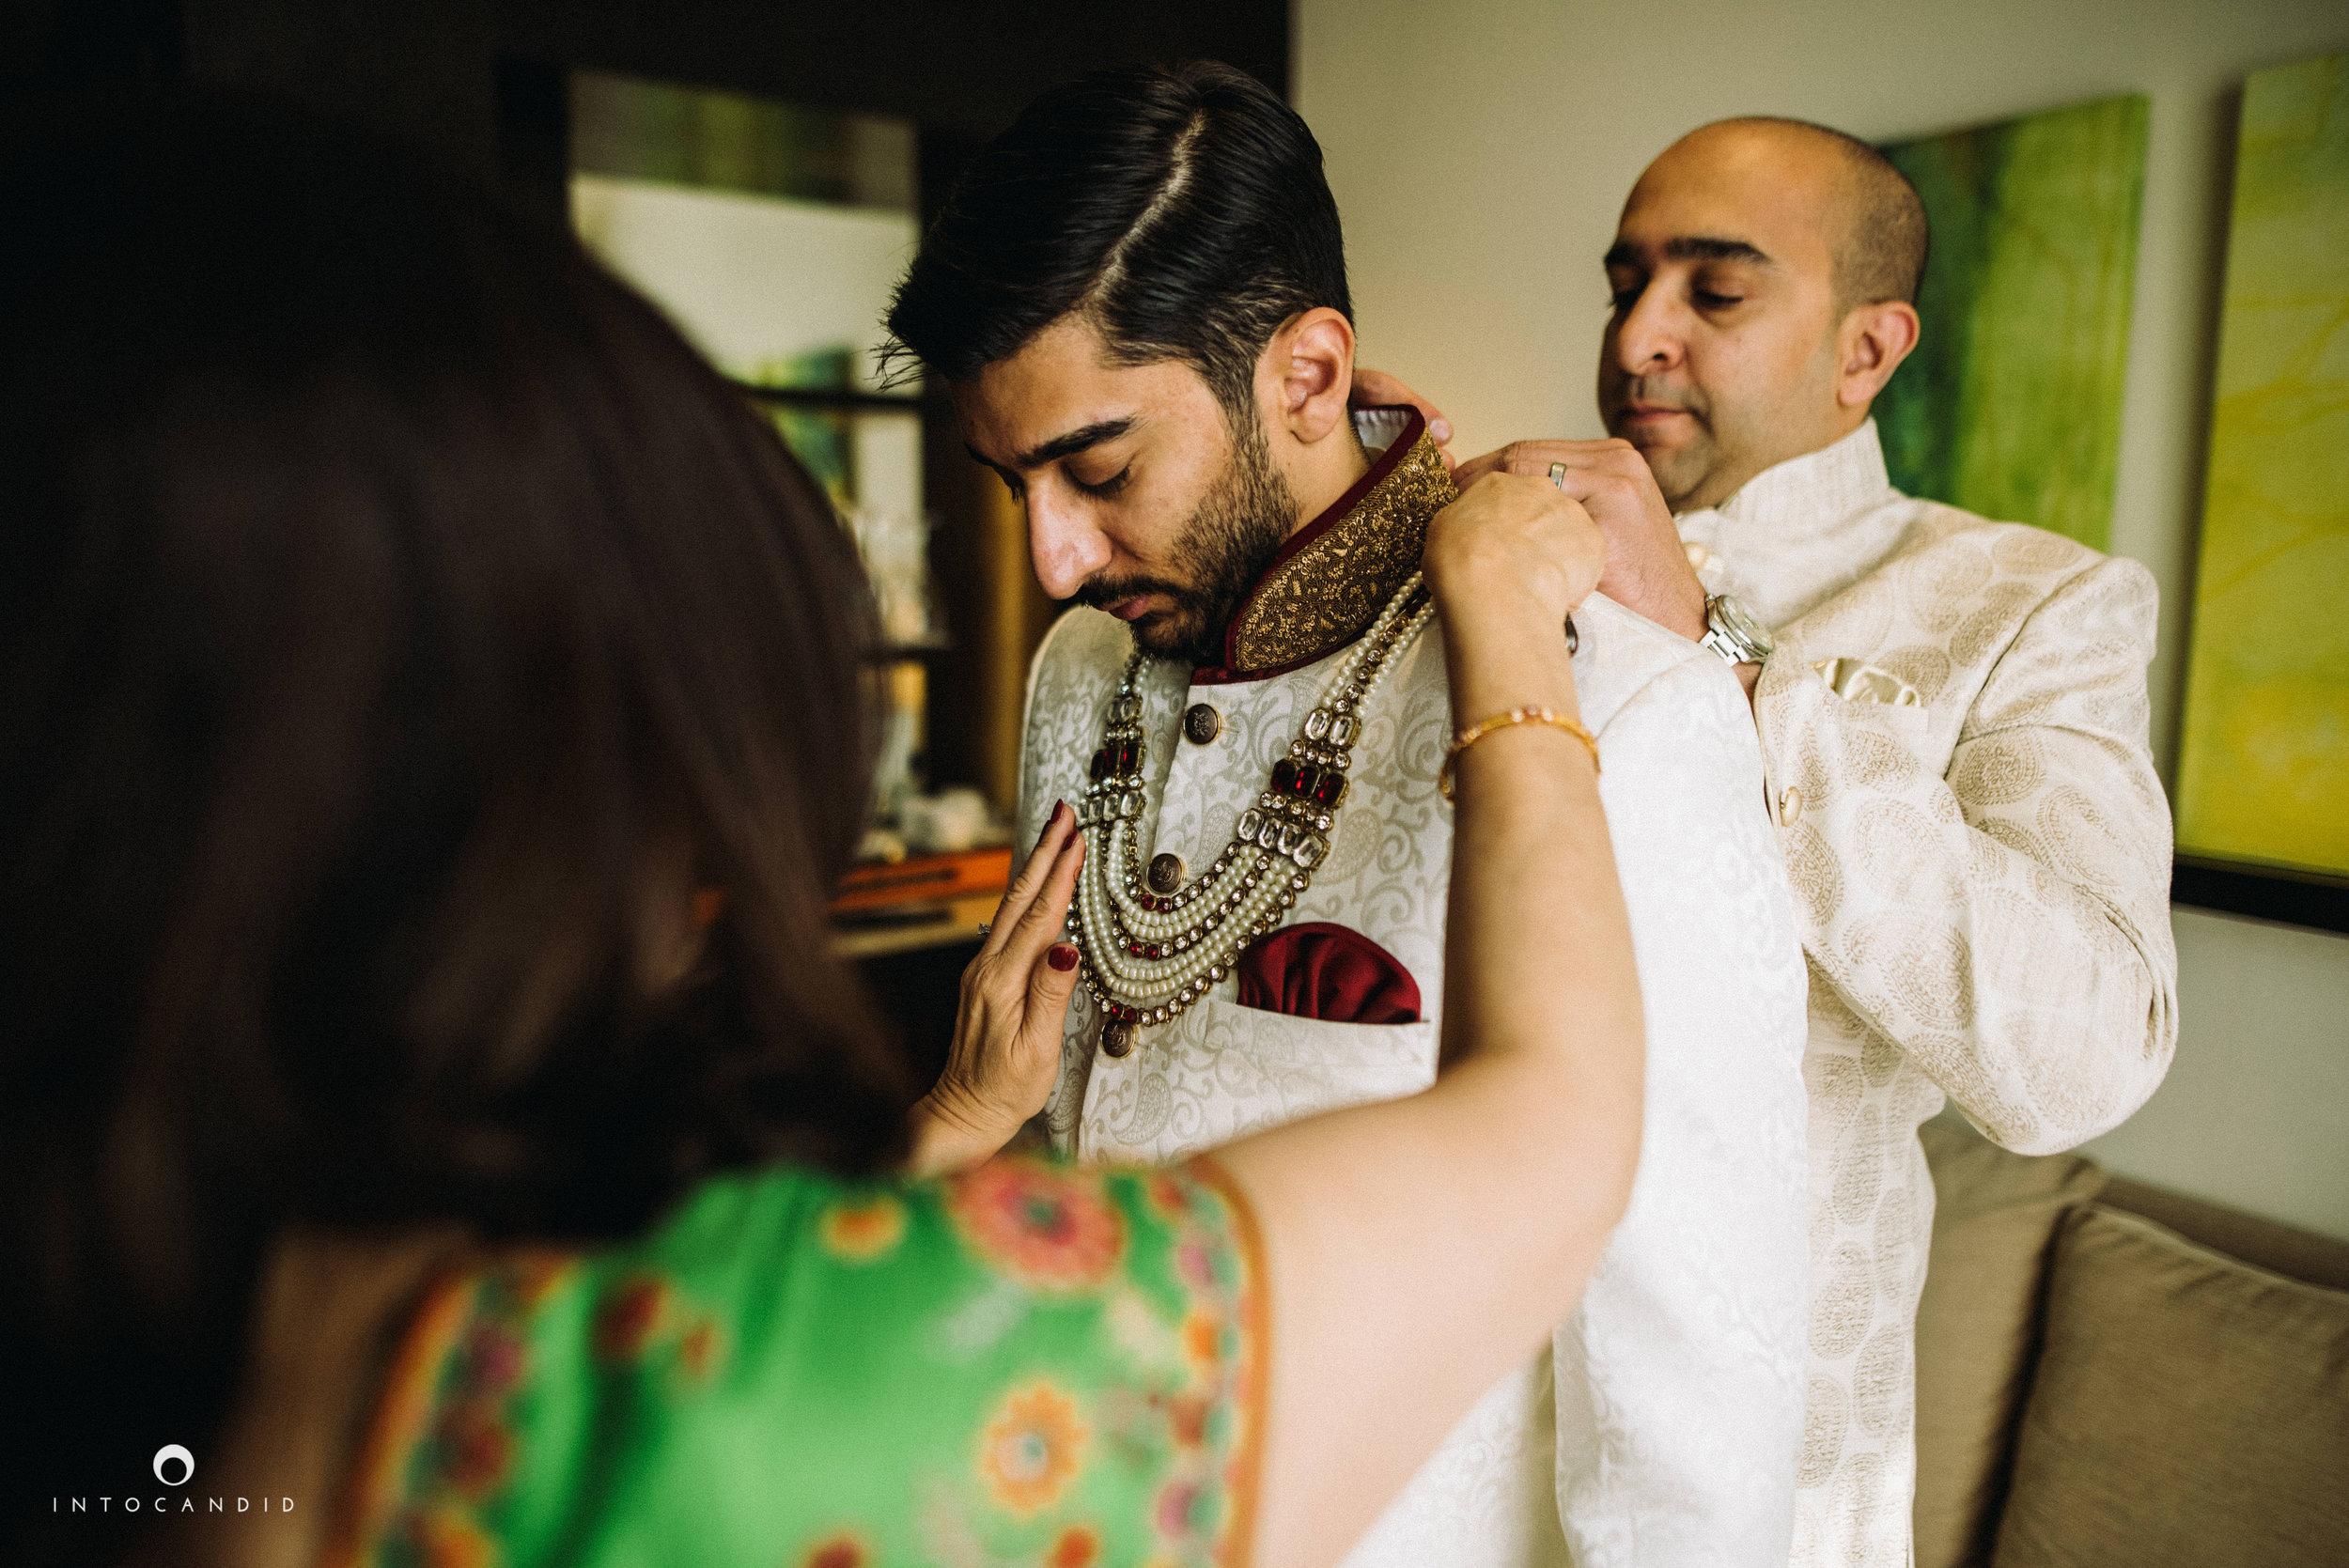 Dubai_Wedding_Photographer_04.JPG